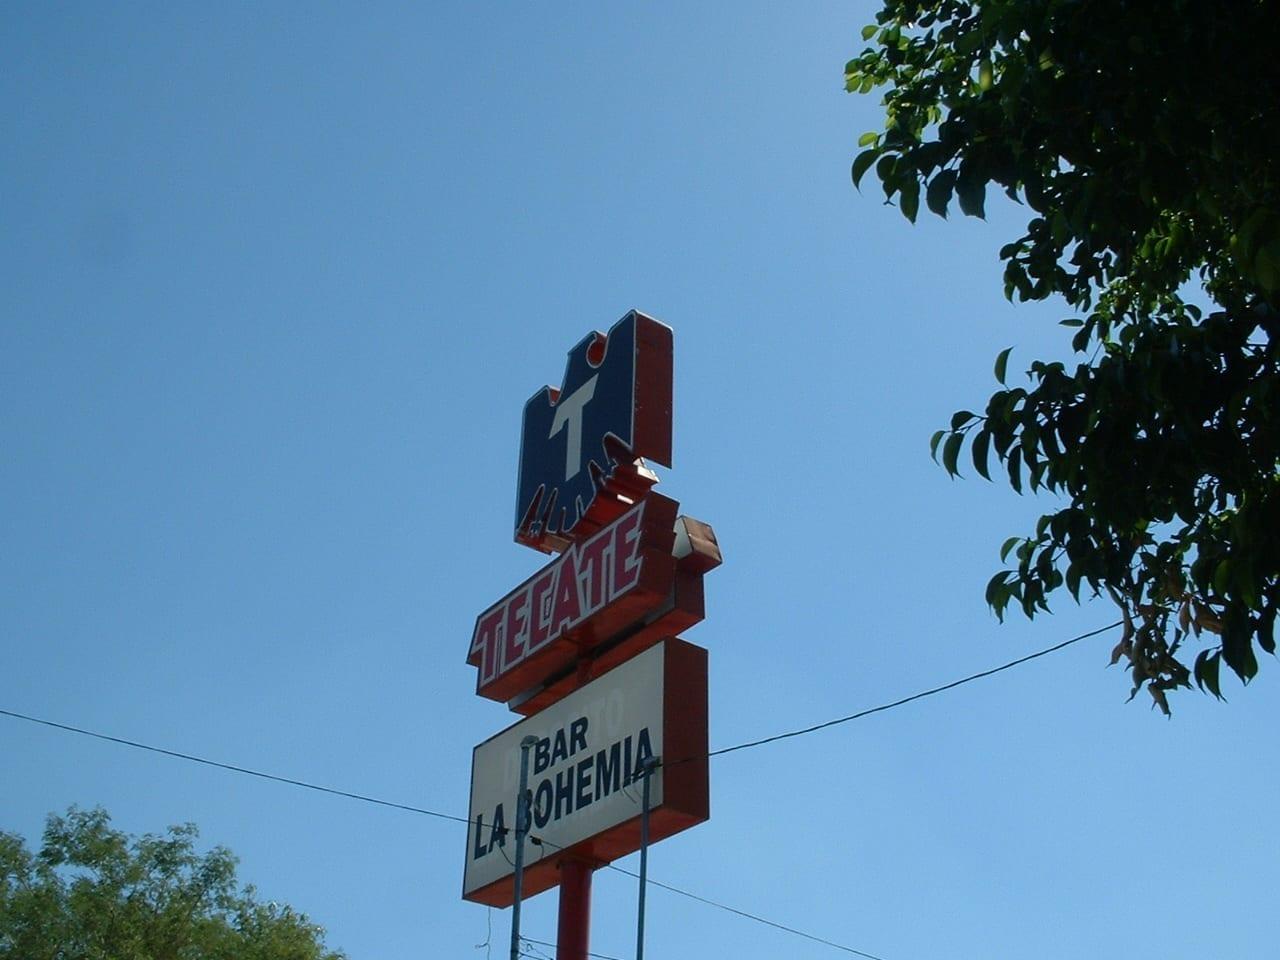 Una de las muchas tiendas de Tecate en Hermosillo, esta está cerca de El Centro. Hermosillo México